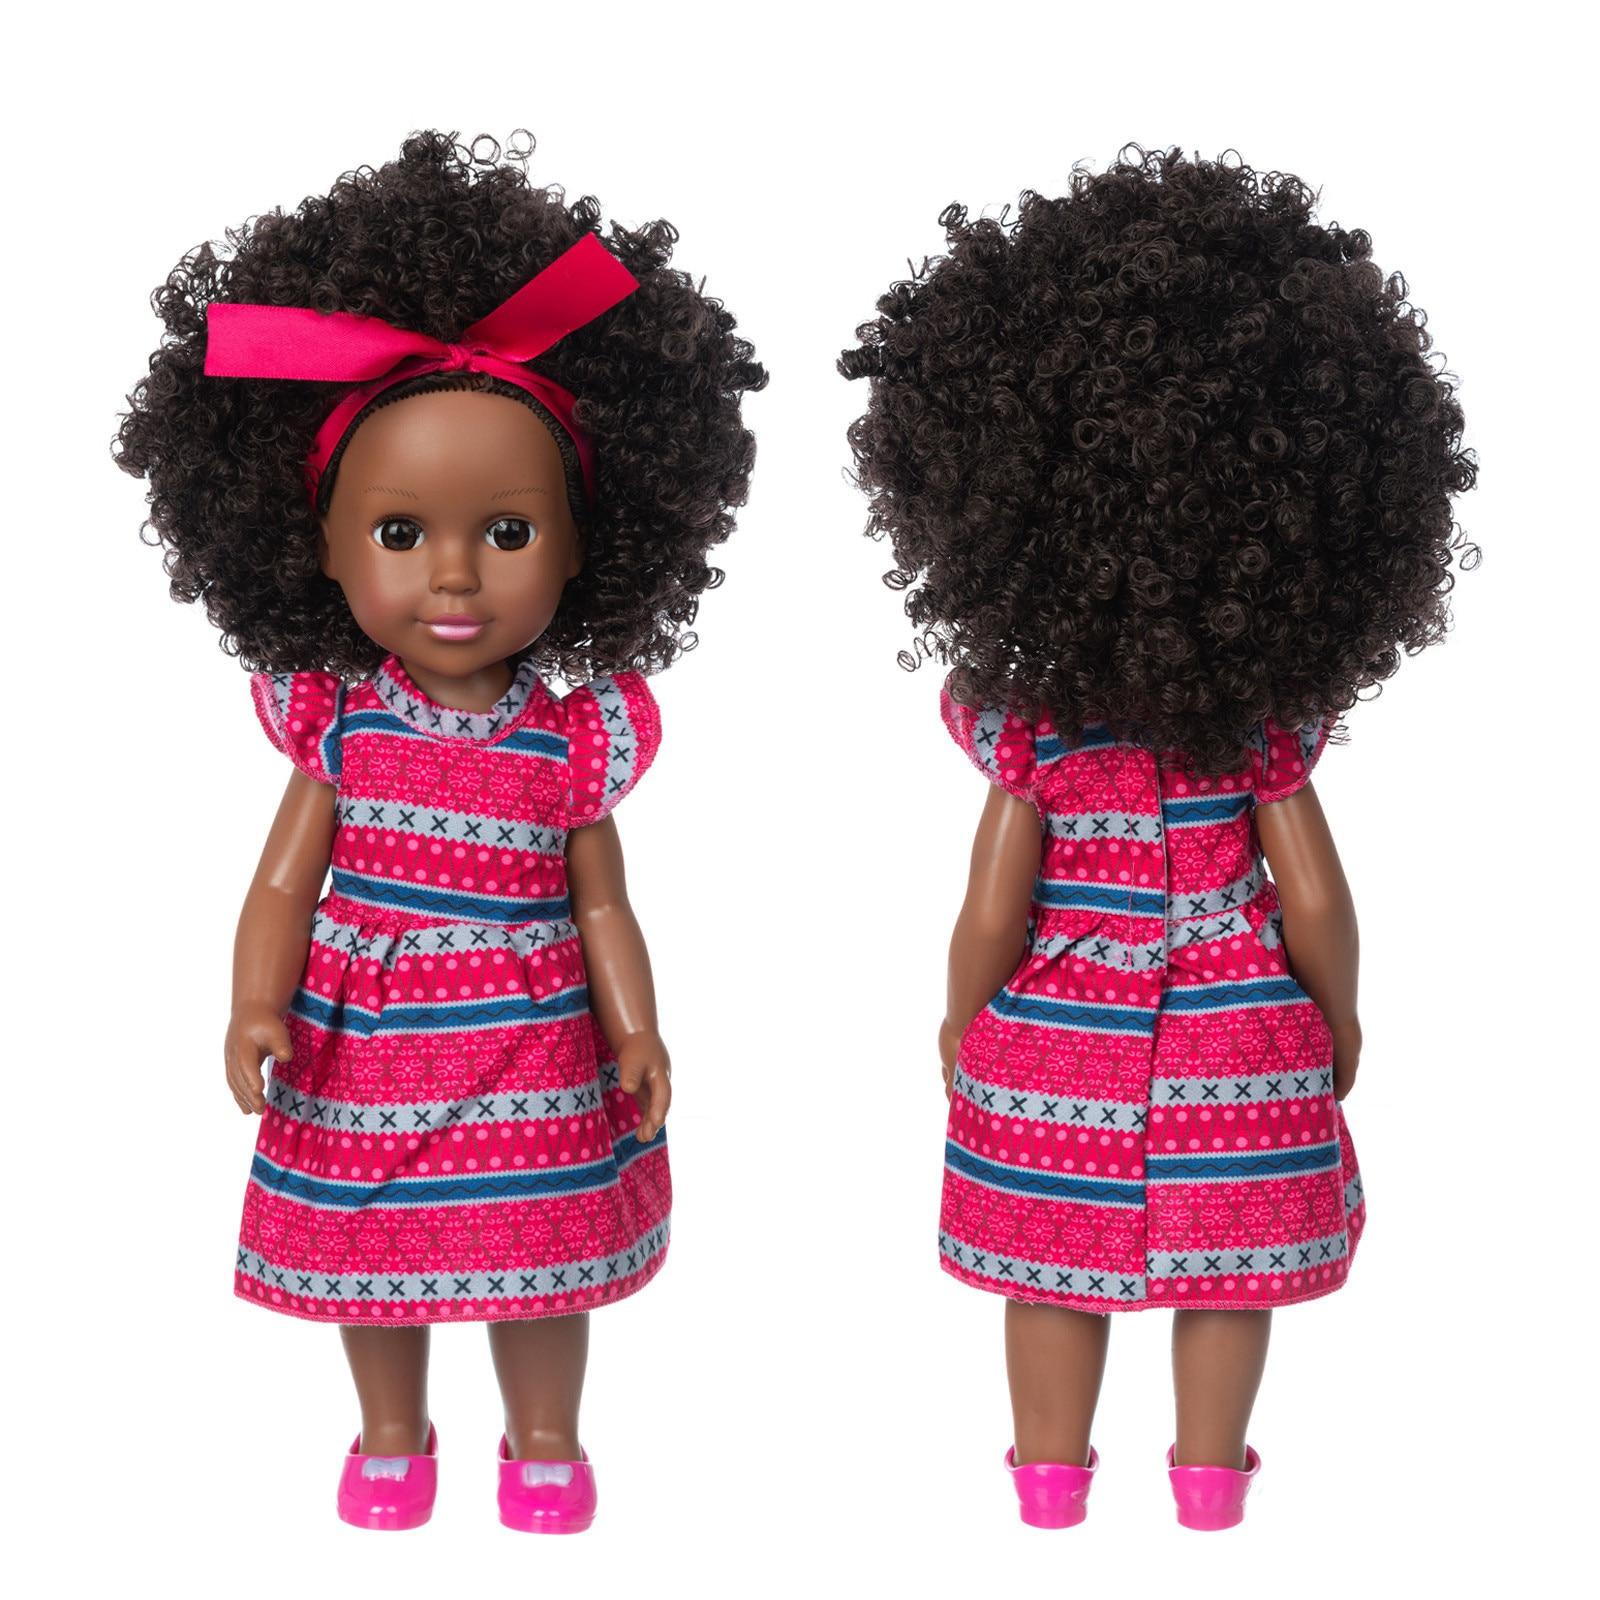 Черные куклы для девочек, афроамериканская игра, мягкие реалистичные куклы, Реалистичная имитация, детские куклы для игр, Забавная детская ...